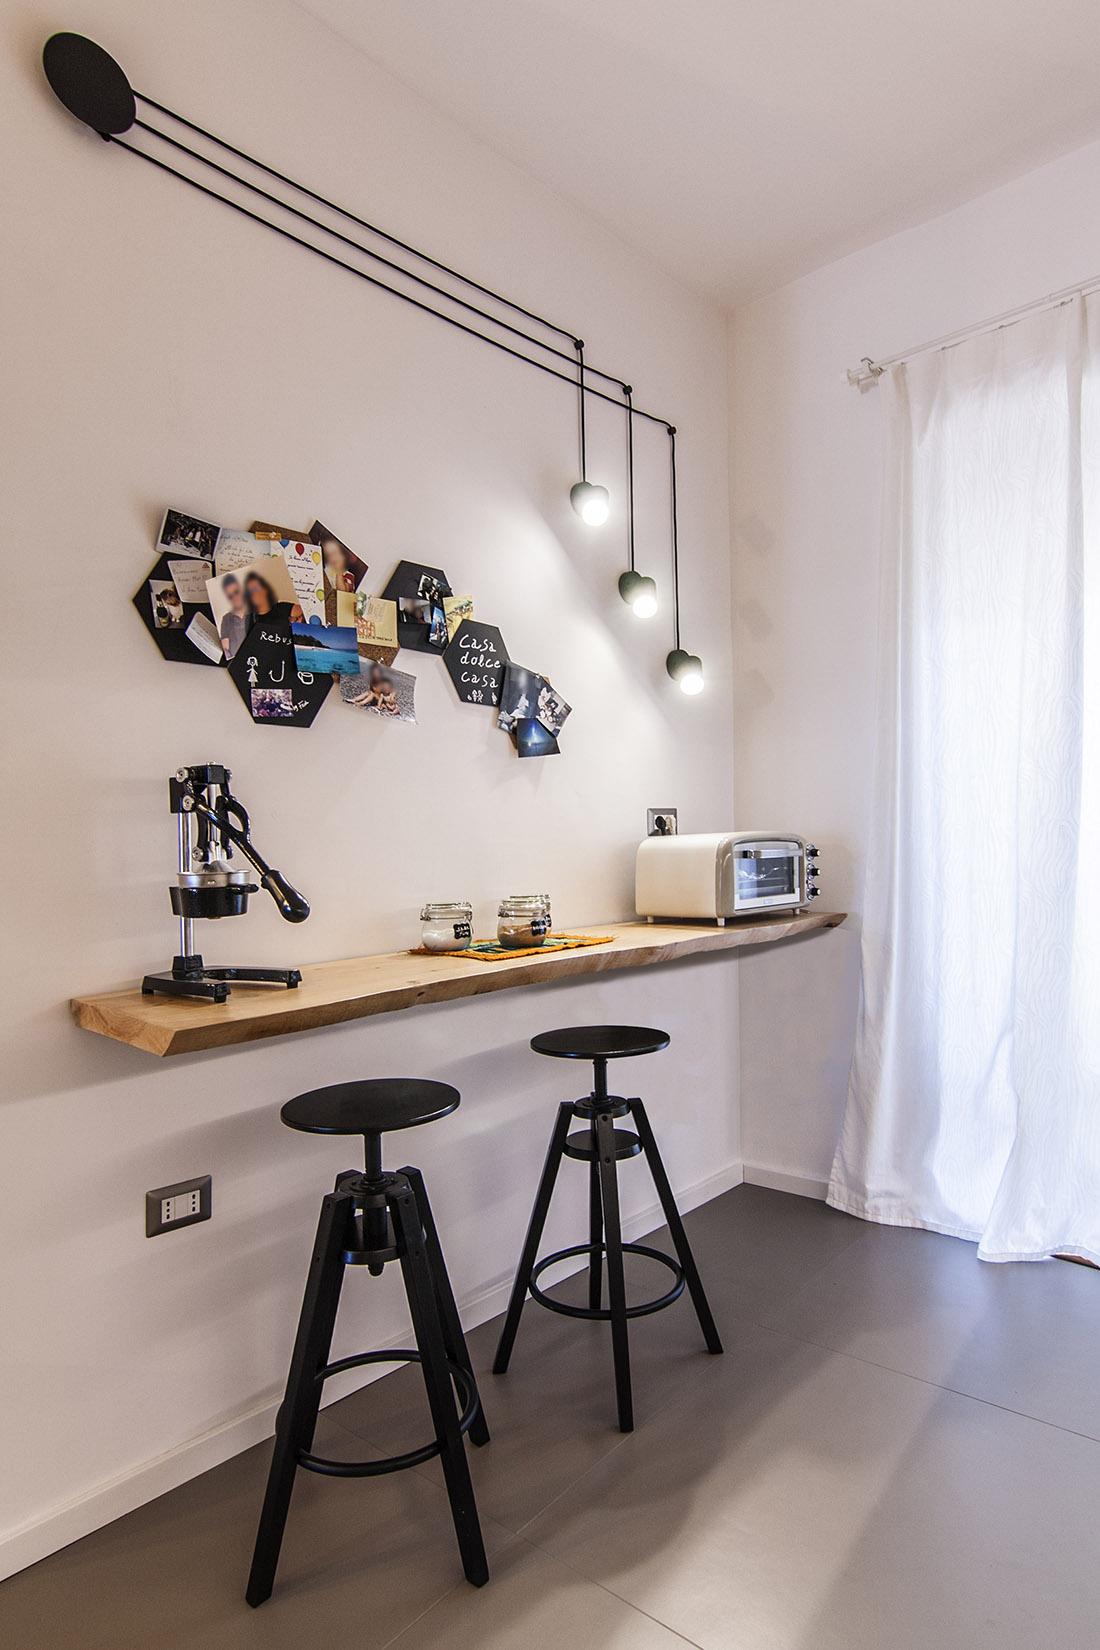 appartamento-rinascita-napoli-pucciarelli-architetti-interior-design-luce-snack-legno